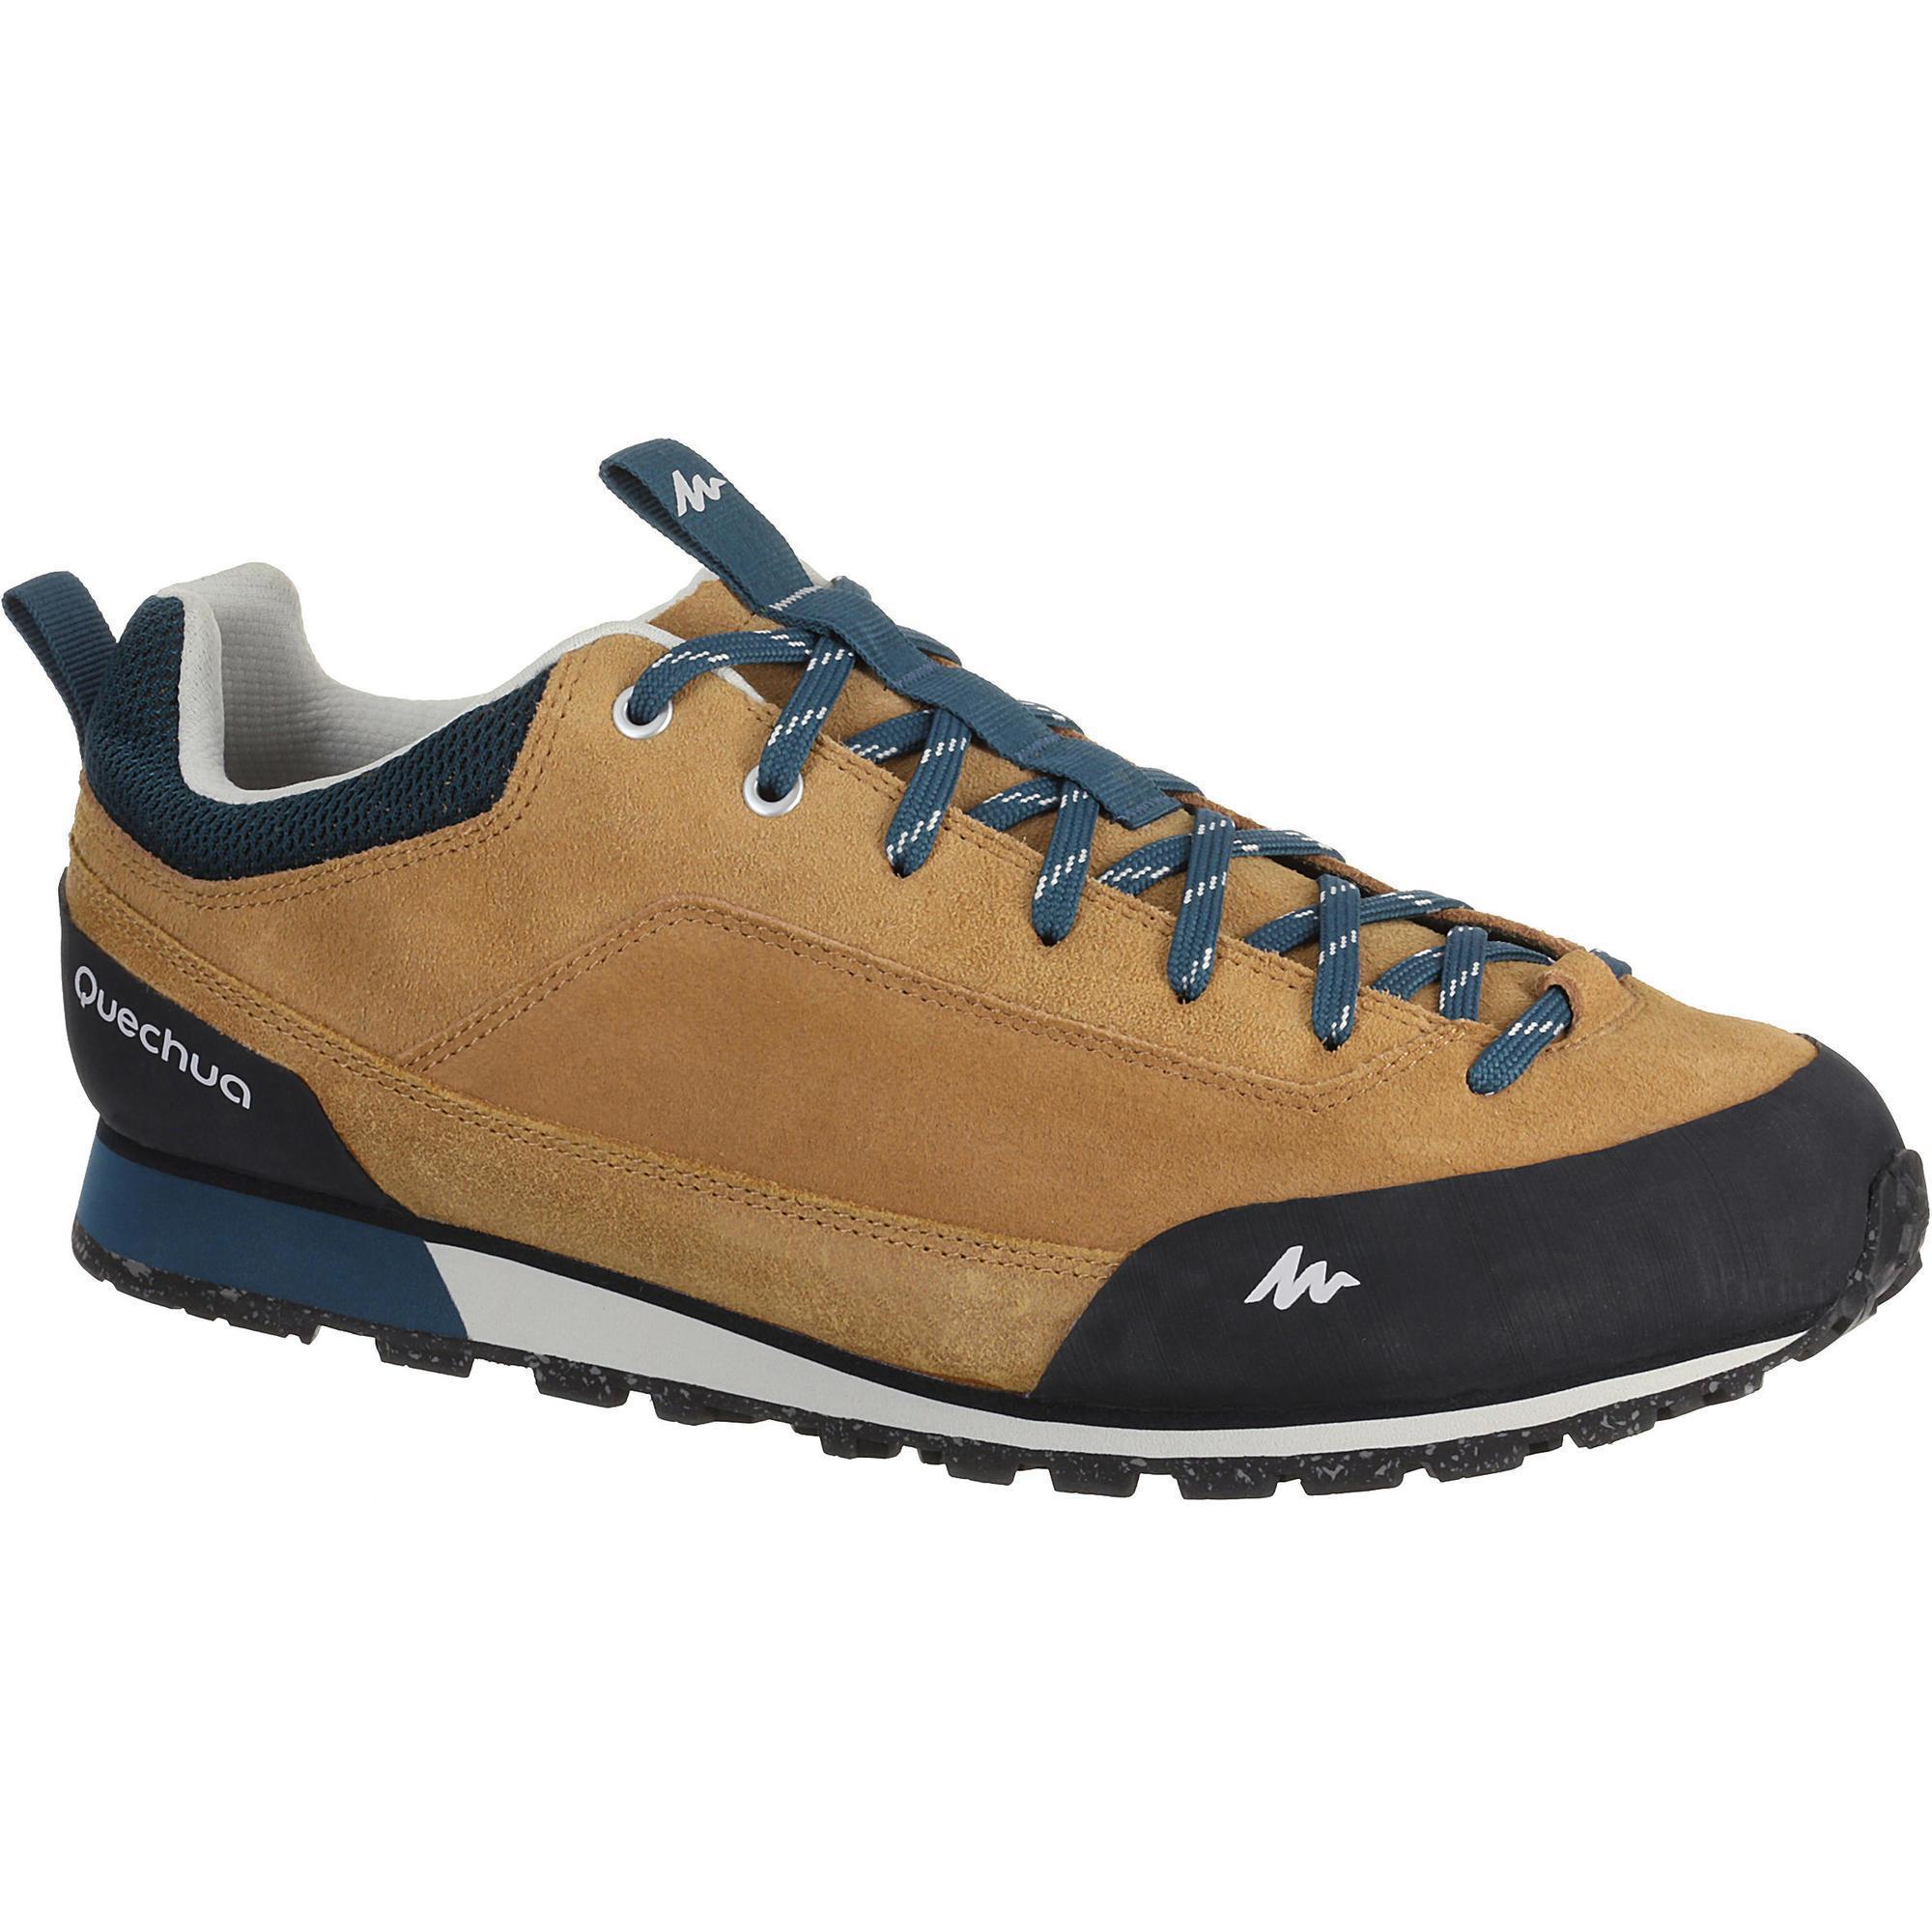 Quechua Schoenen voor wandelen in de natuur NH500 heren kopen